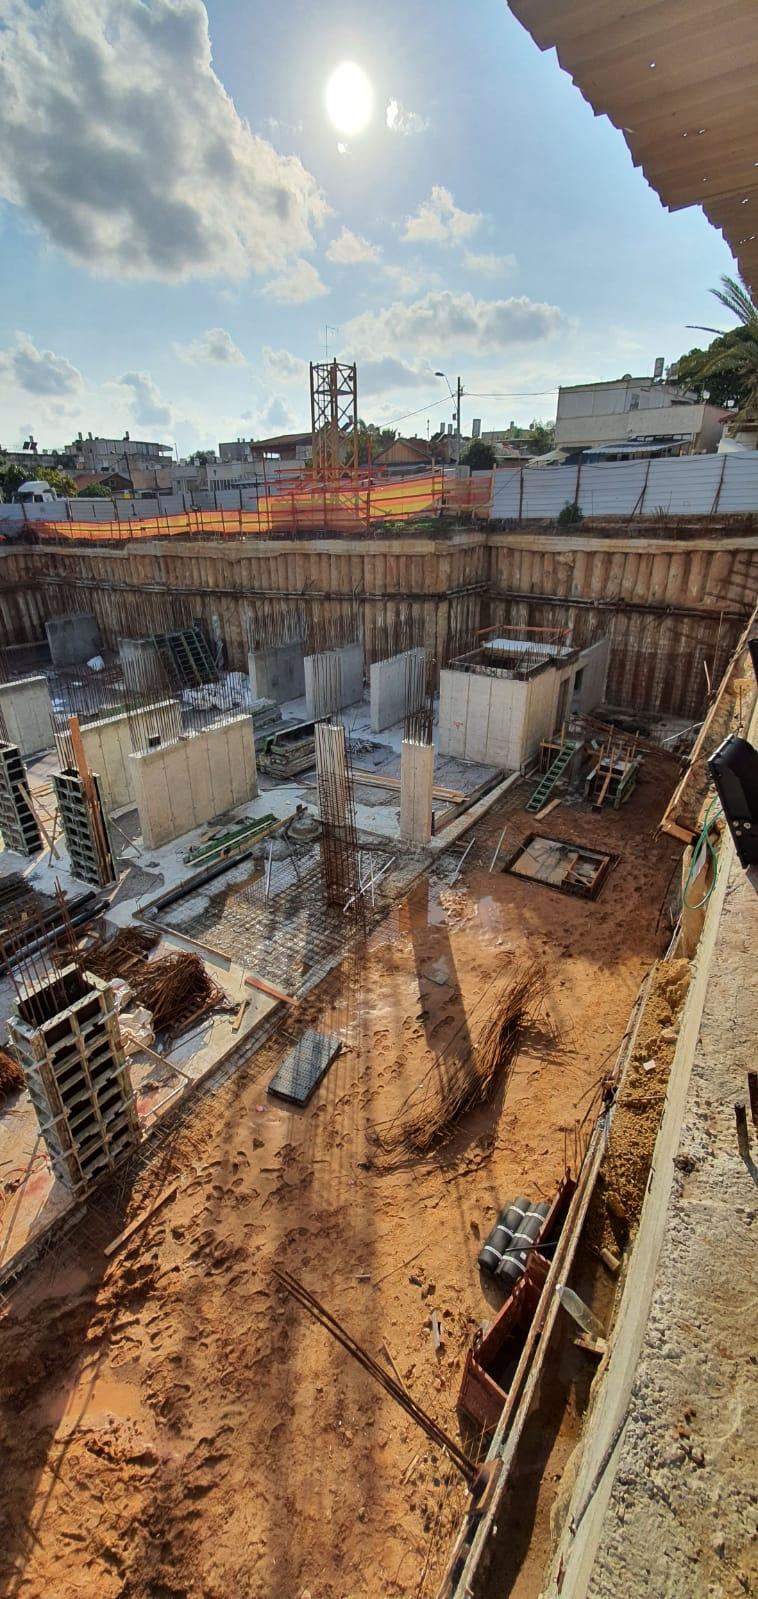 יציקת רצפה וקירות במרתף חניון מפלס 2- 23.02.2020